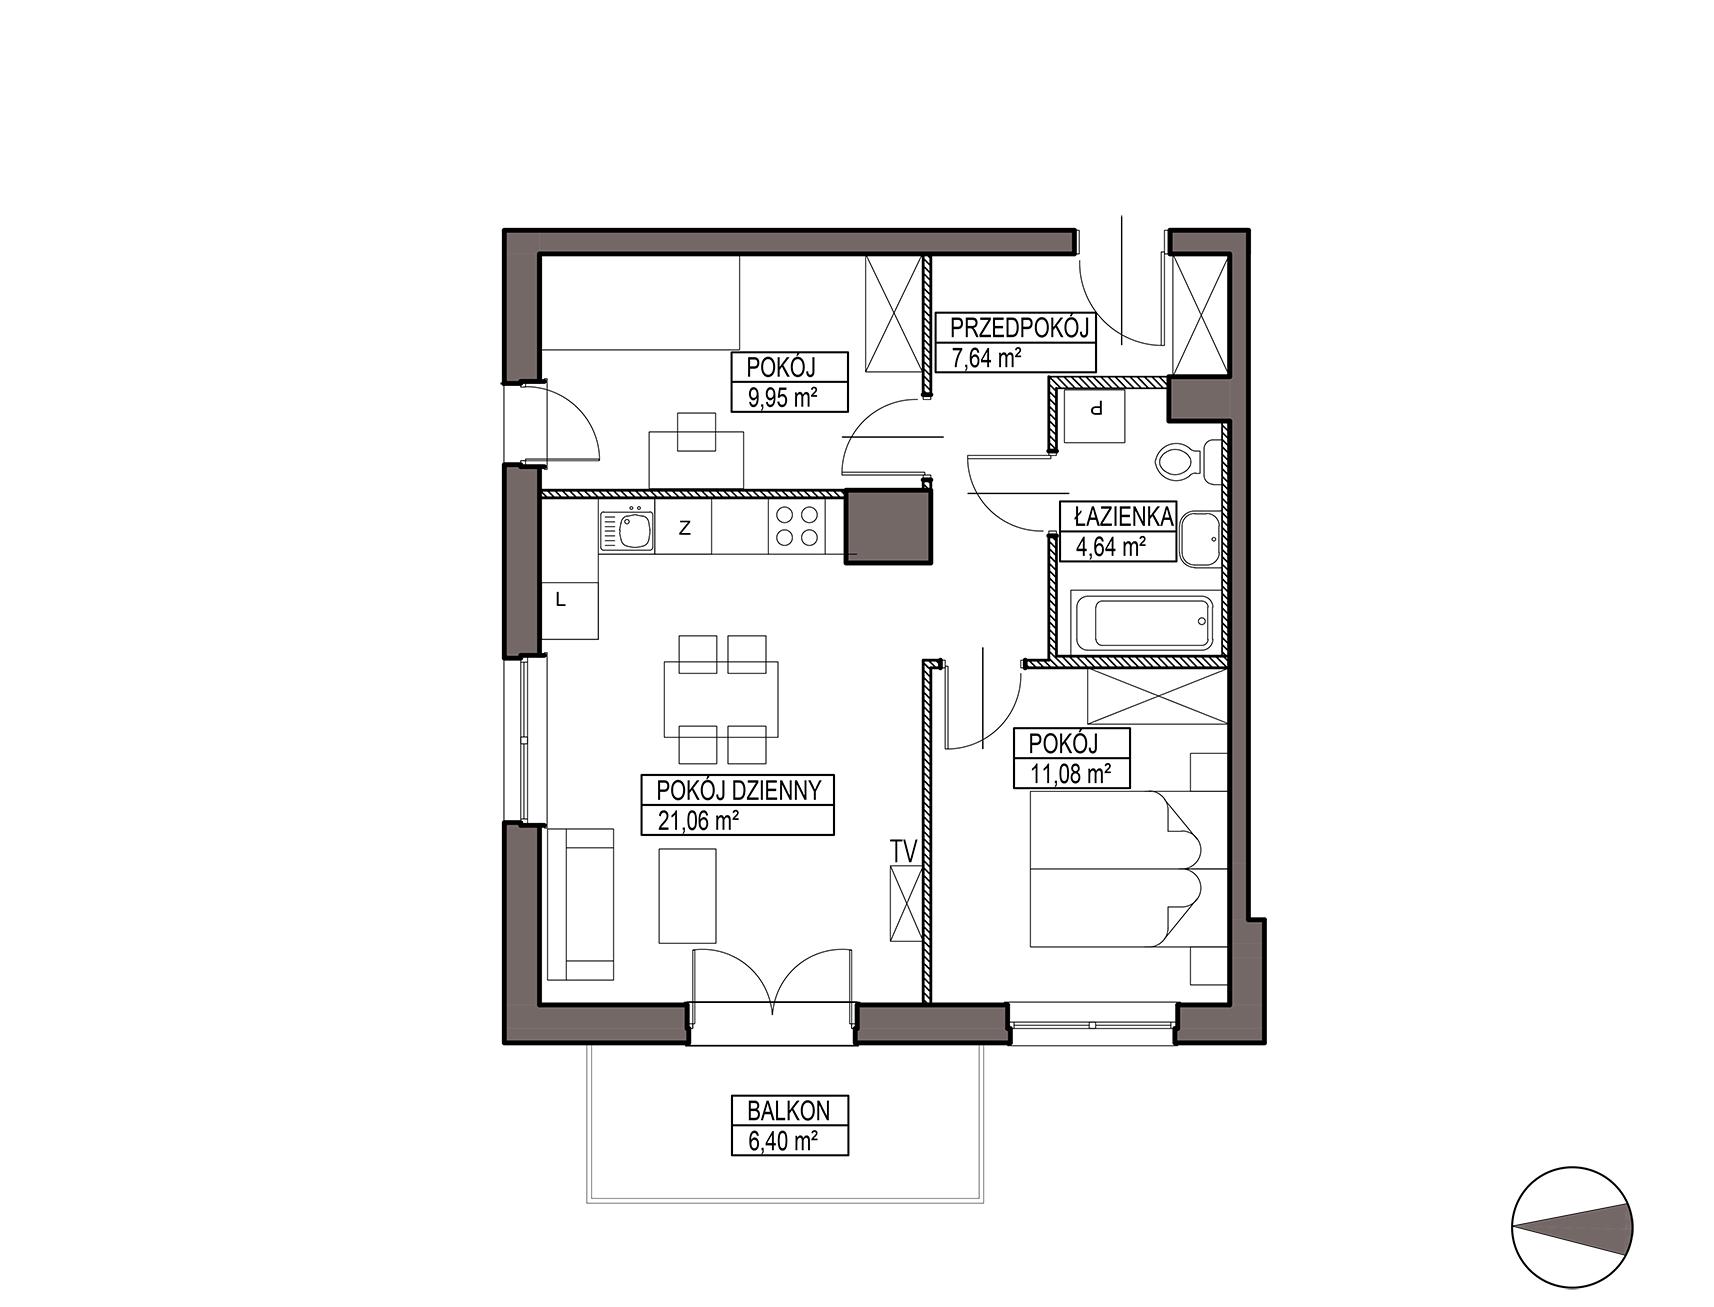 Uroczysko III / budynek 6 / mieszkanie H/1/11 rzut 1